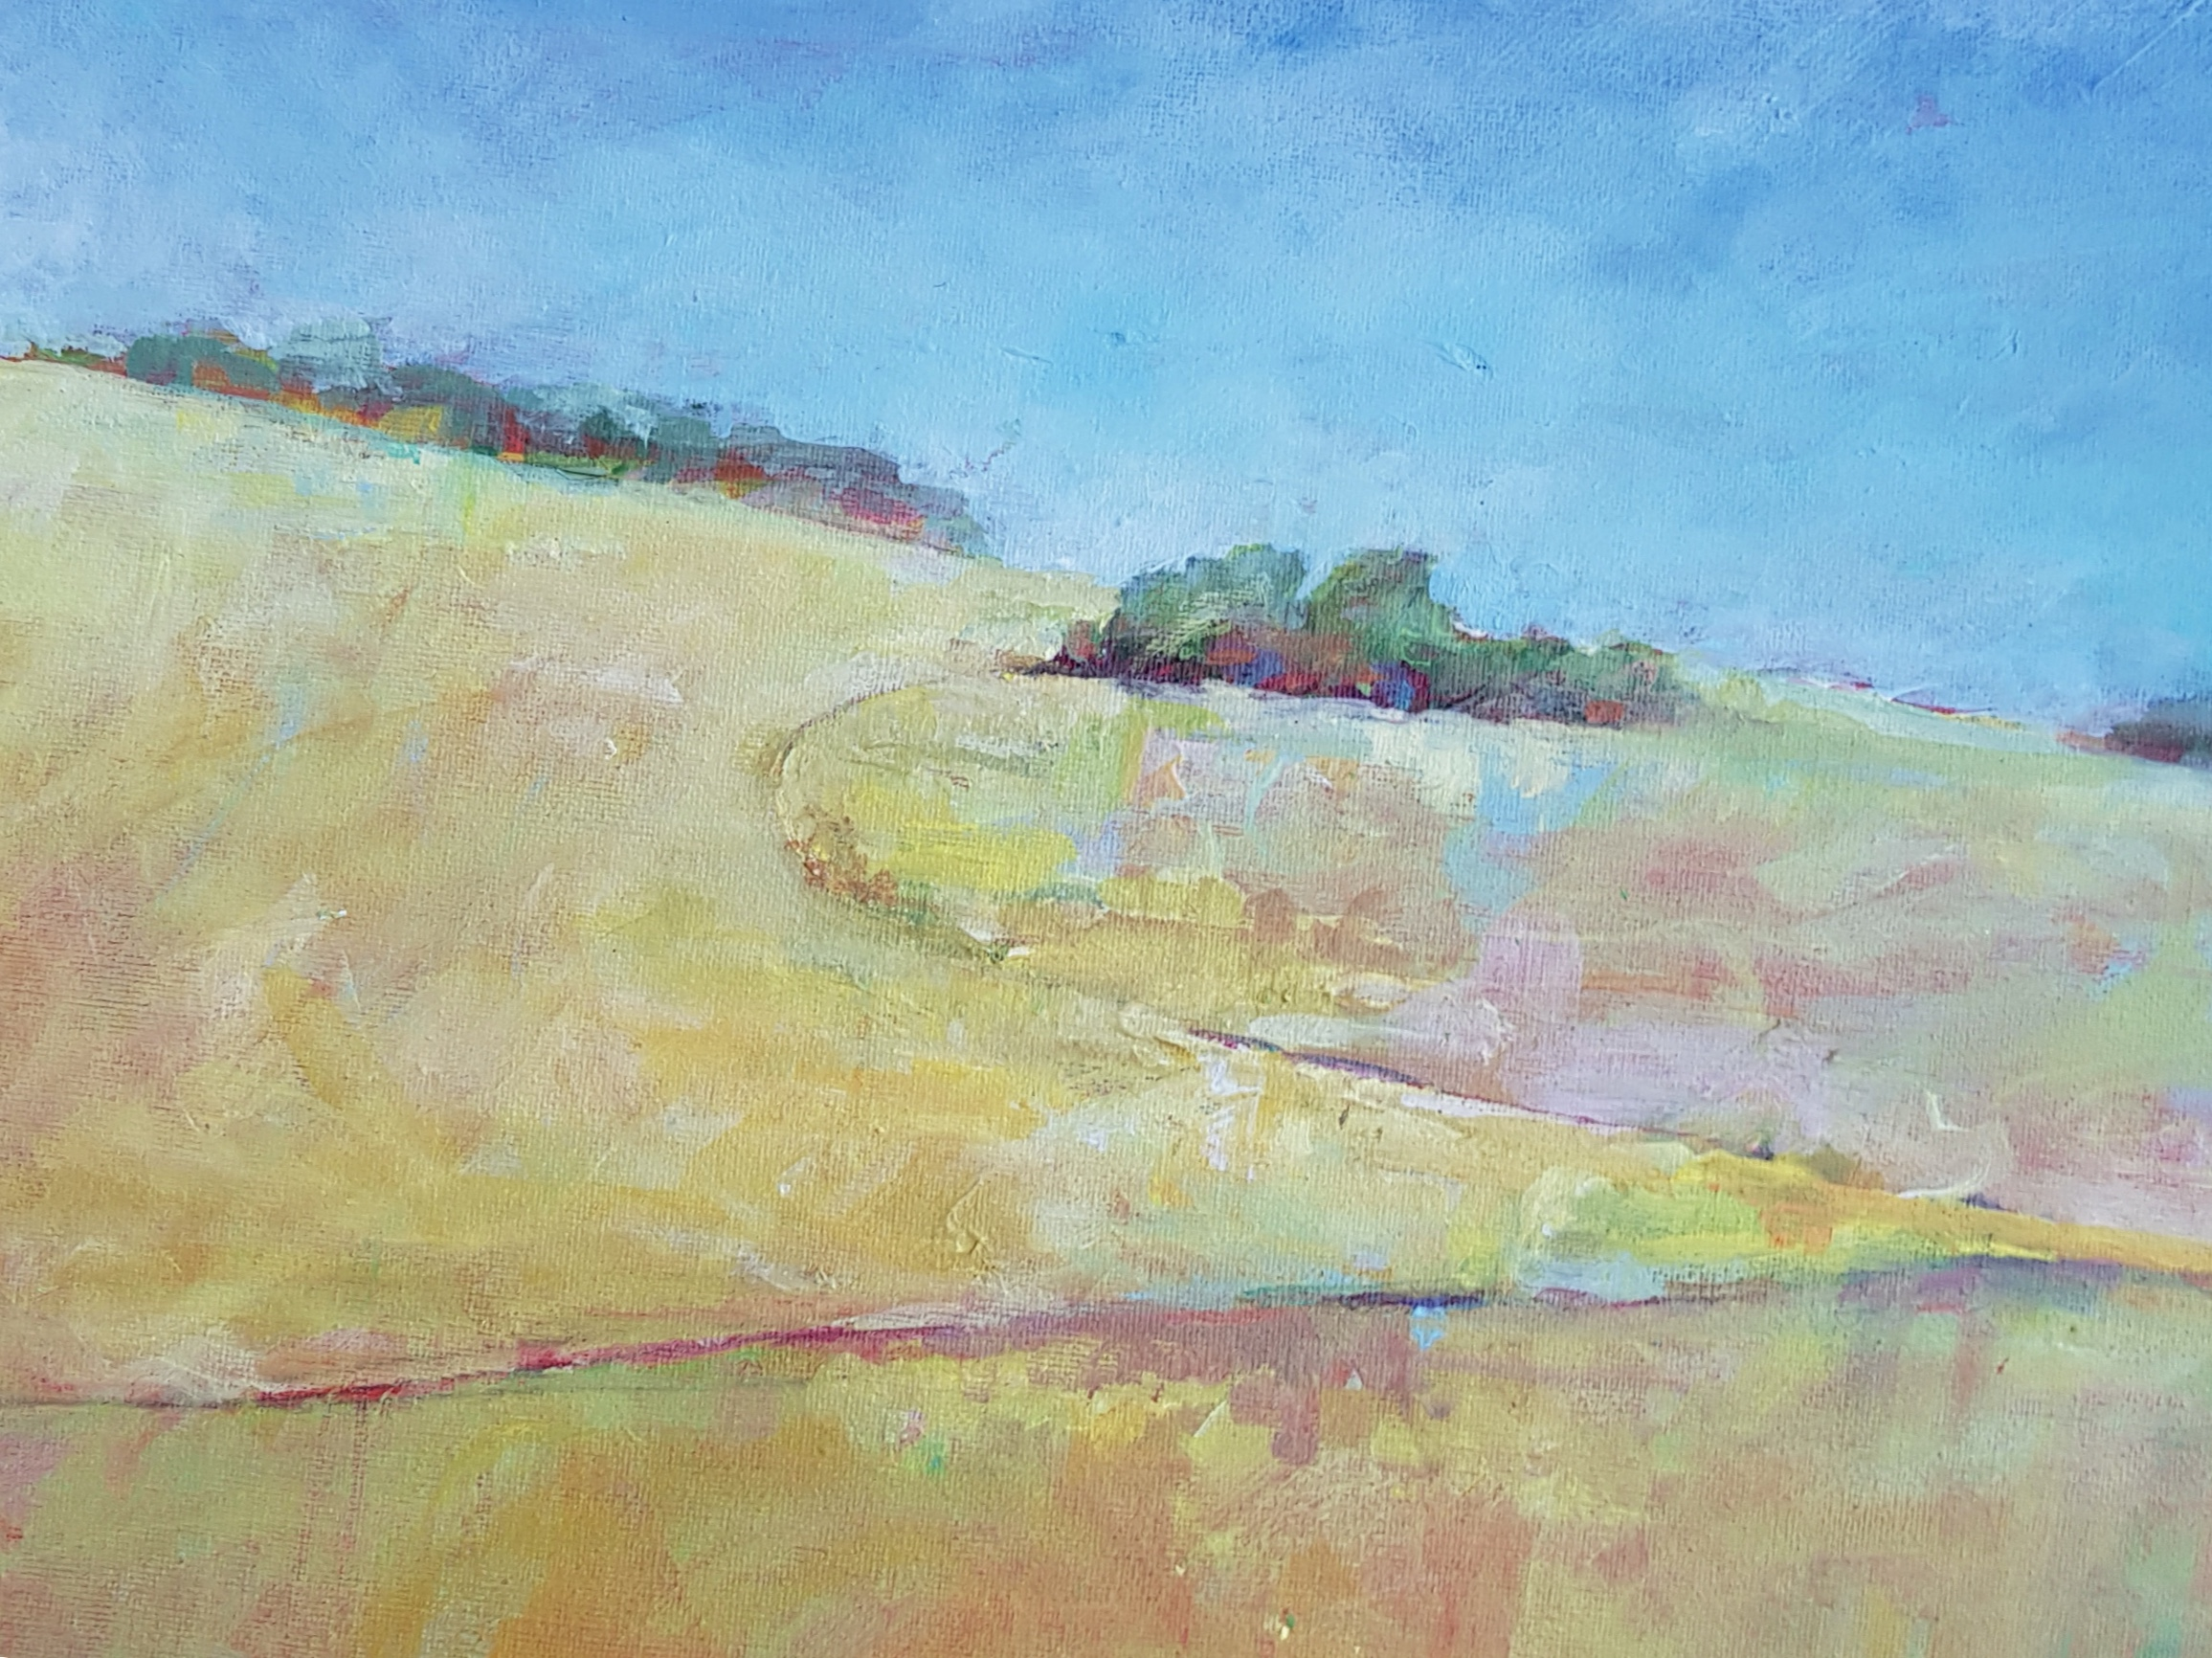 acrylics on canvas  30cm x 40cm